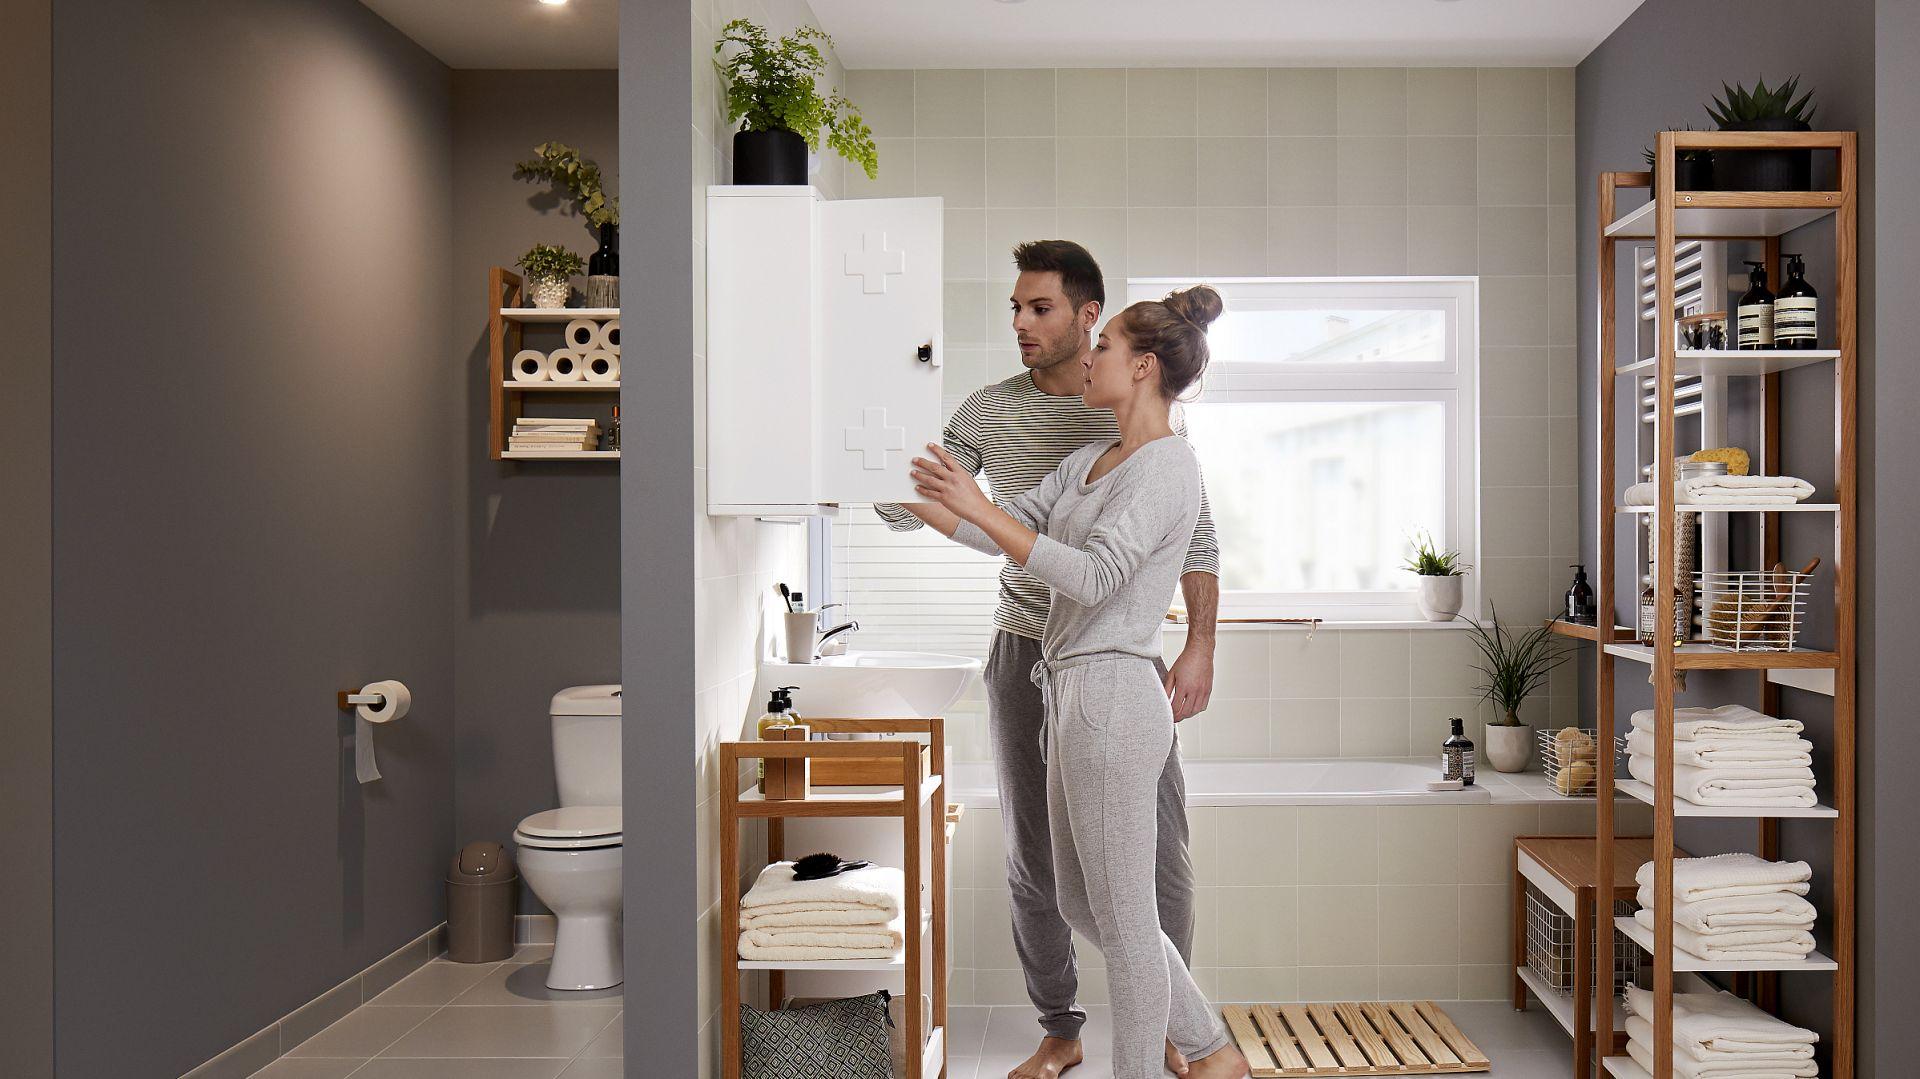 Jak Odnowić łazienkę W Wynajmowanym Mieszkaniu Oto Kilka